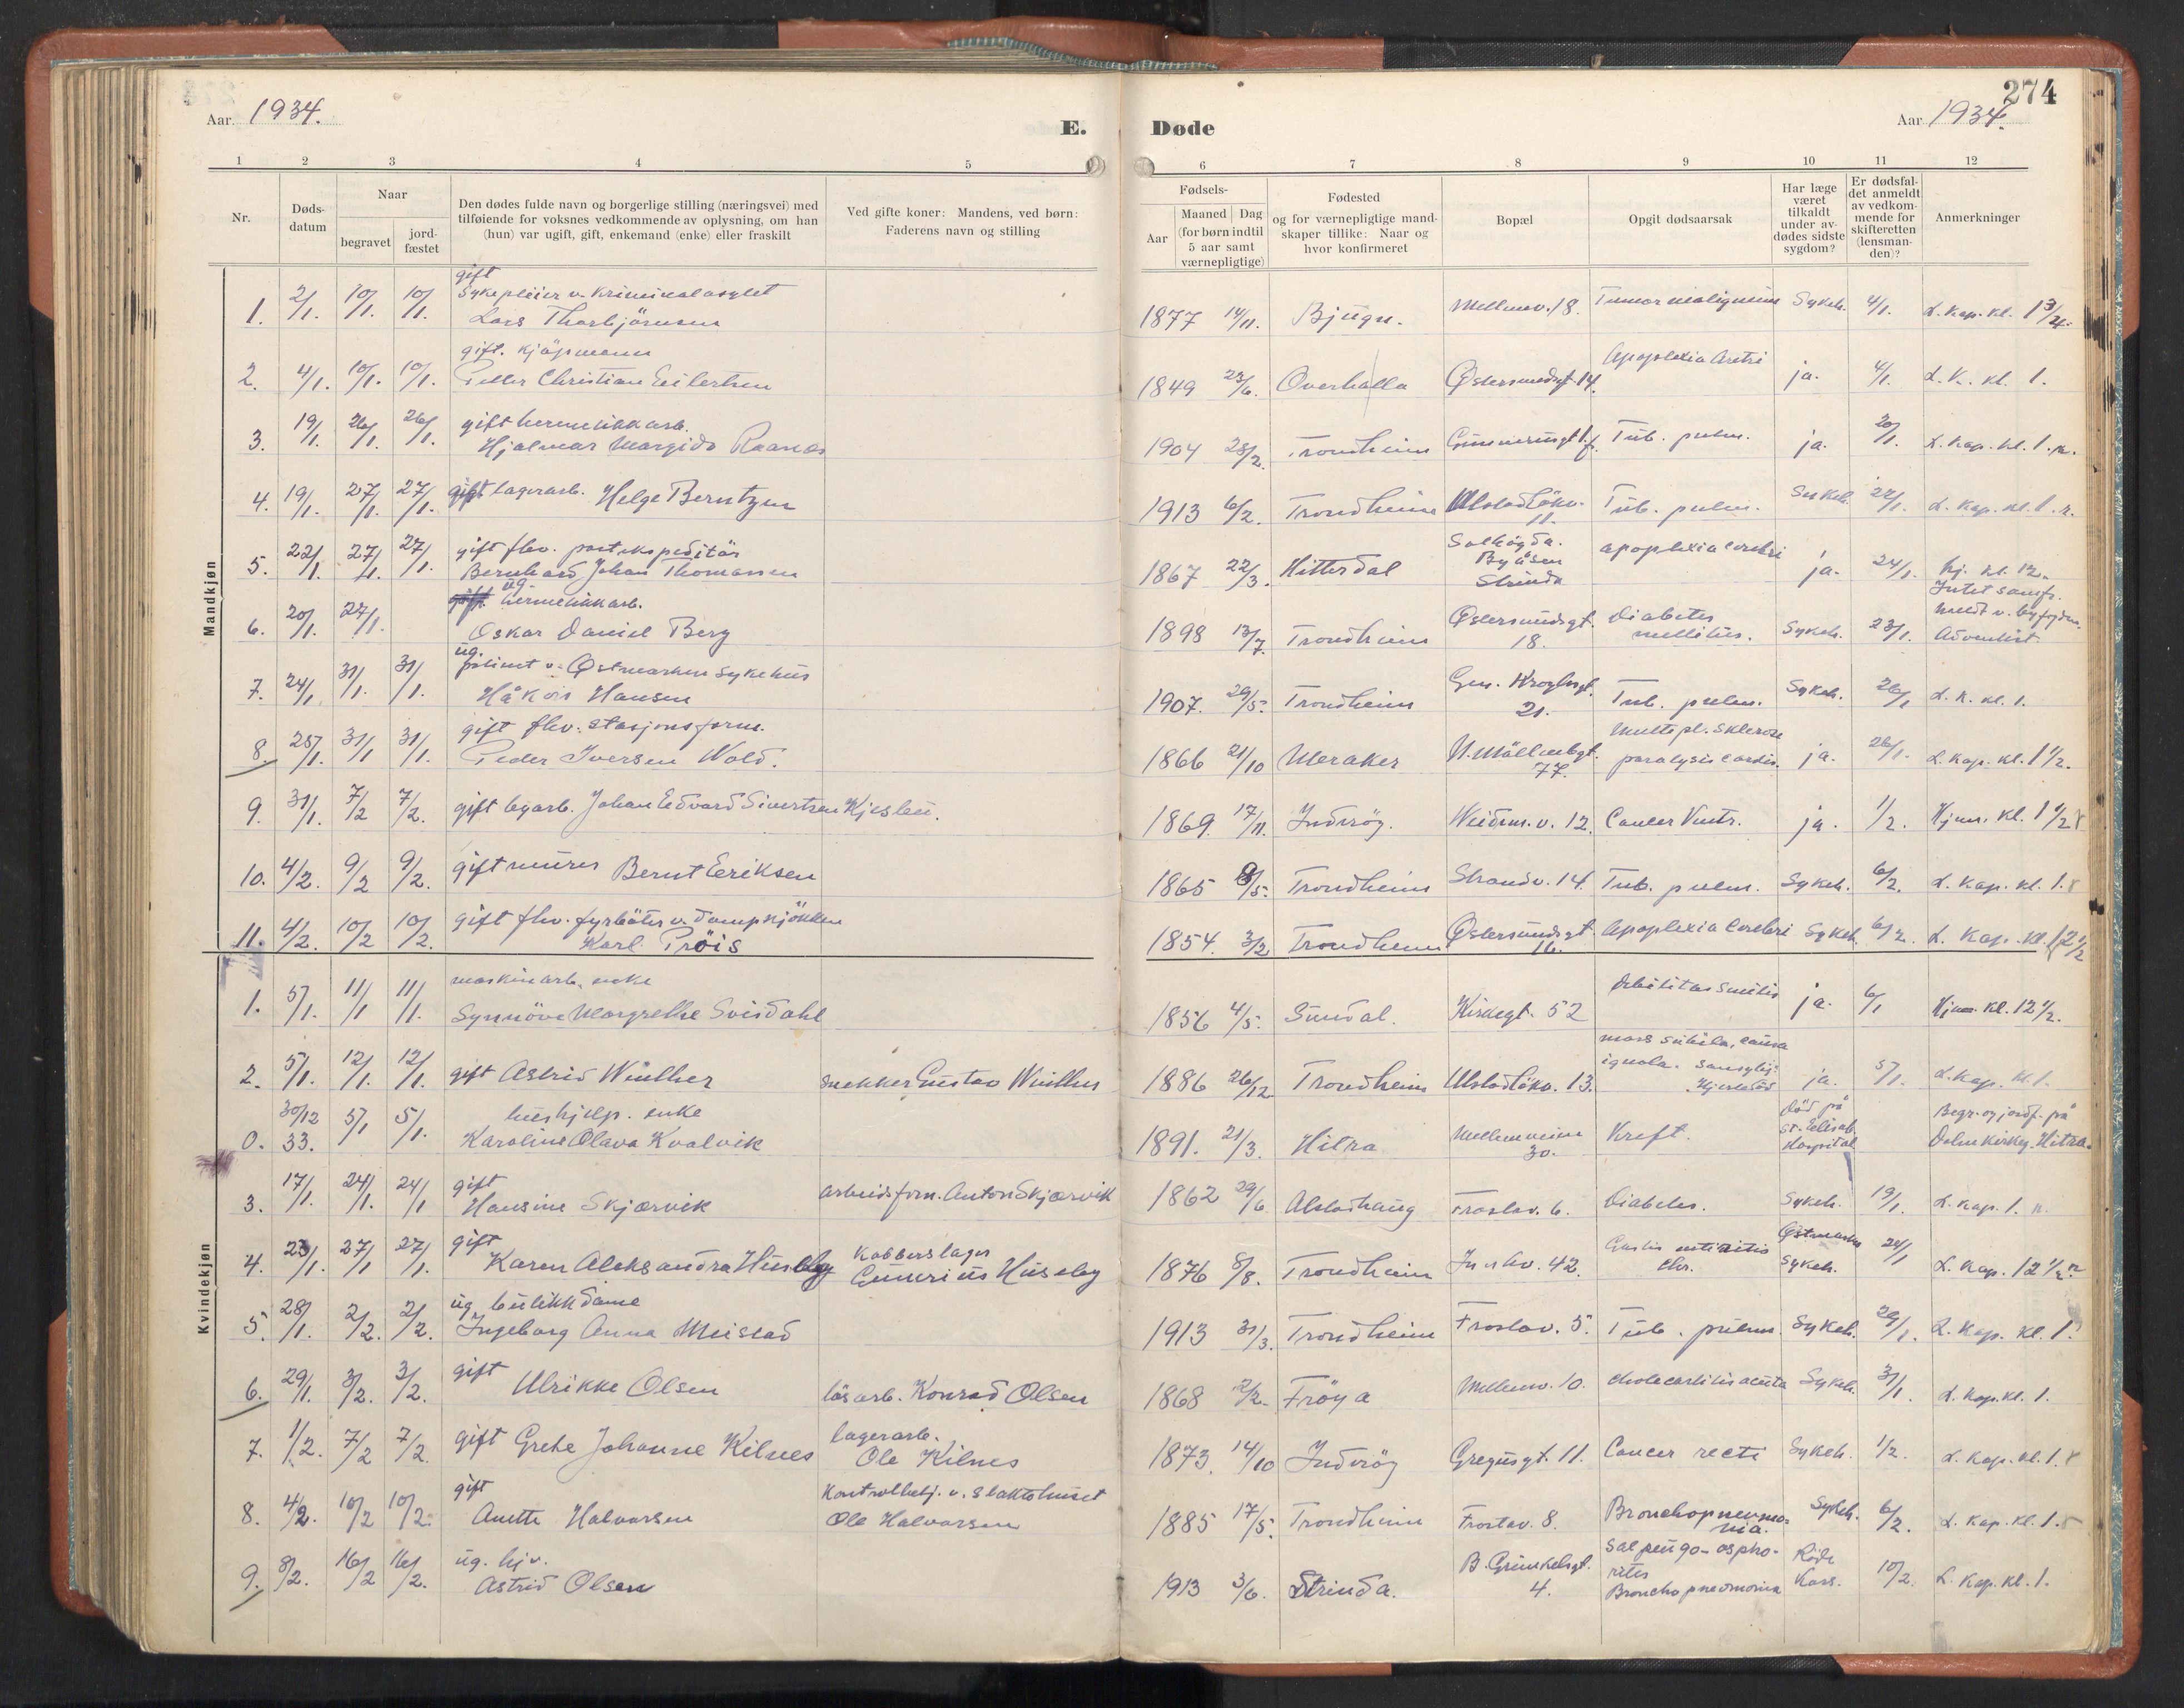 SAT, Ministerialprotokoller, klokkerbøker og fødselsregistre - Sør-Trøndelag, 605/L0245: Ministerialbok nr. 605A07, 1916-1938, s. 274